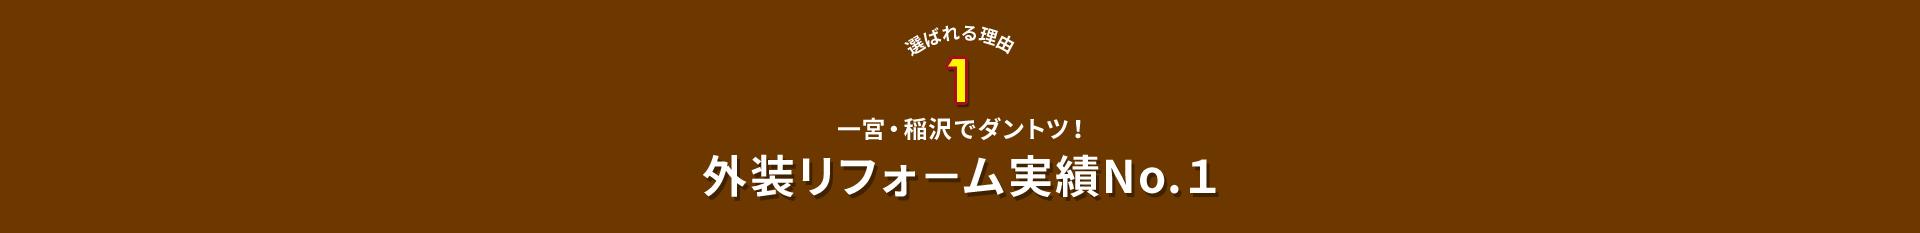 選ばれる理由1一宮・稲沢でダントツ!外装リフォーム実績No.1